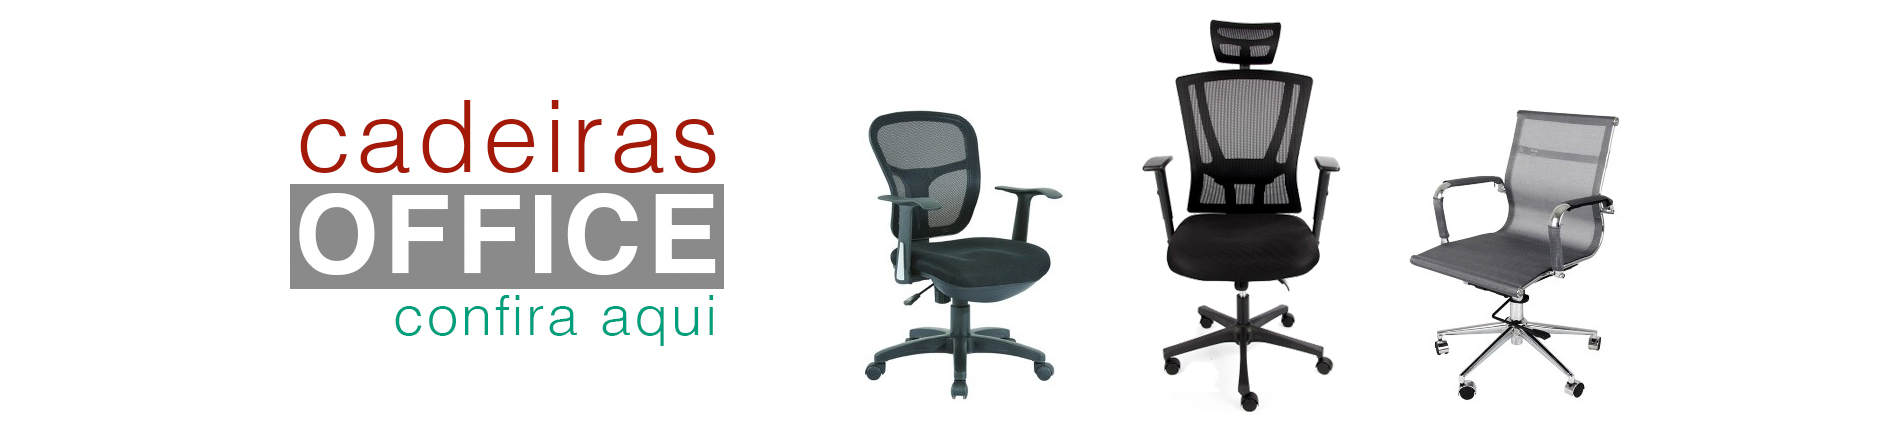 Cadeiras Office